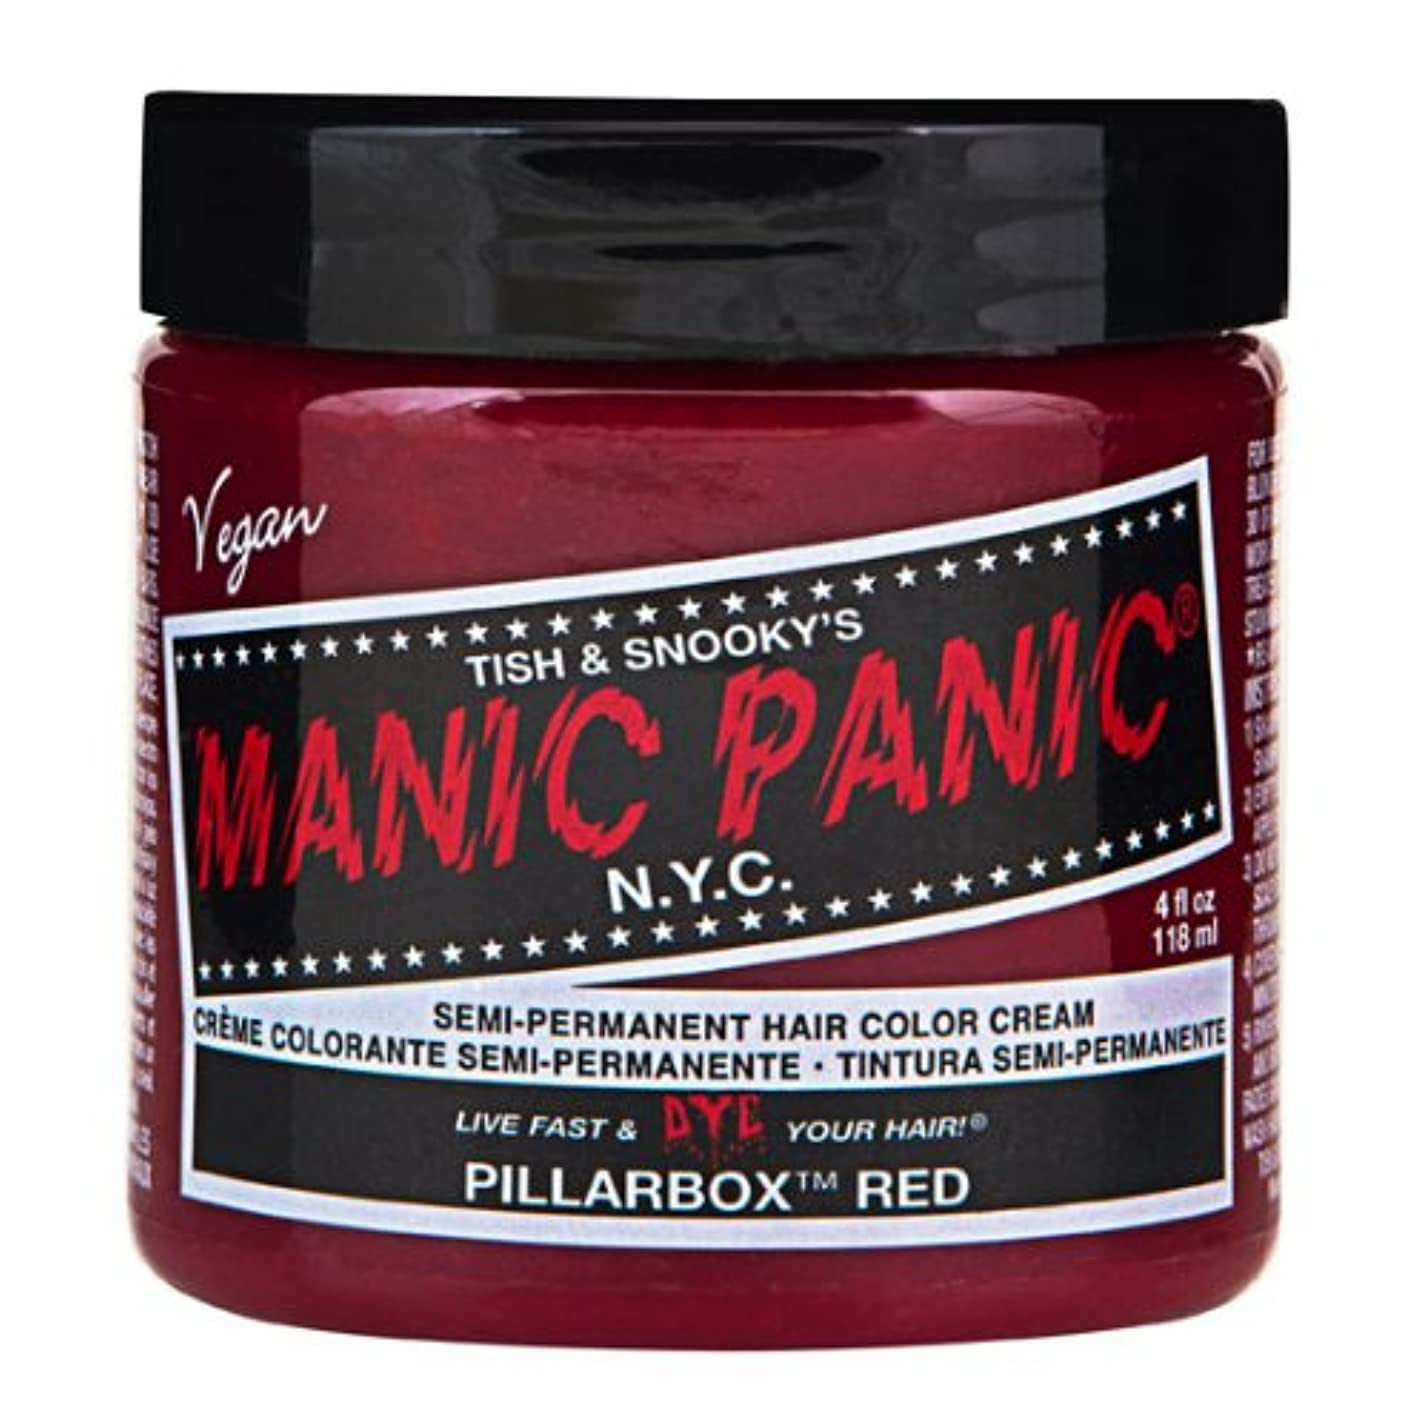 マニックパニック MANIC PANIC ヘアカラー 118mlピラーボックスレッド ヘアーカラー